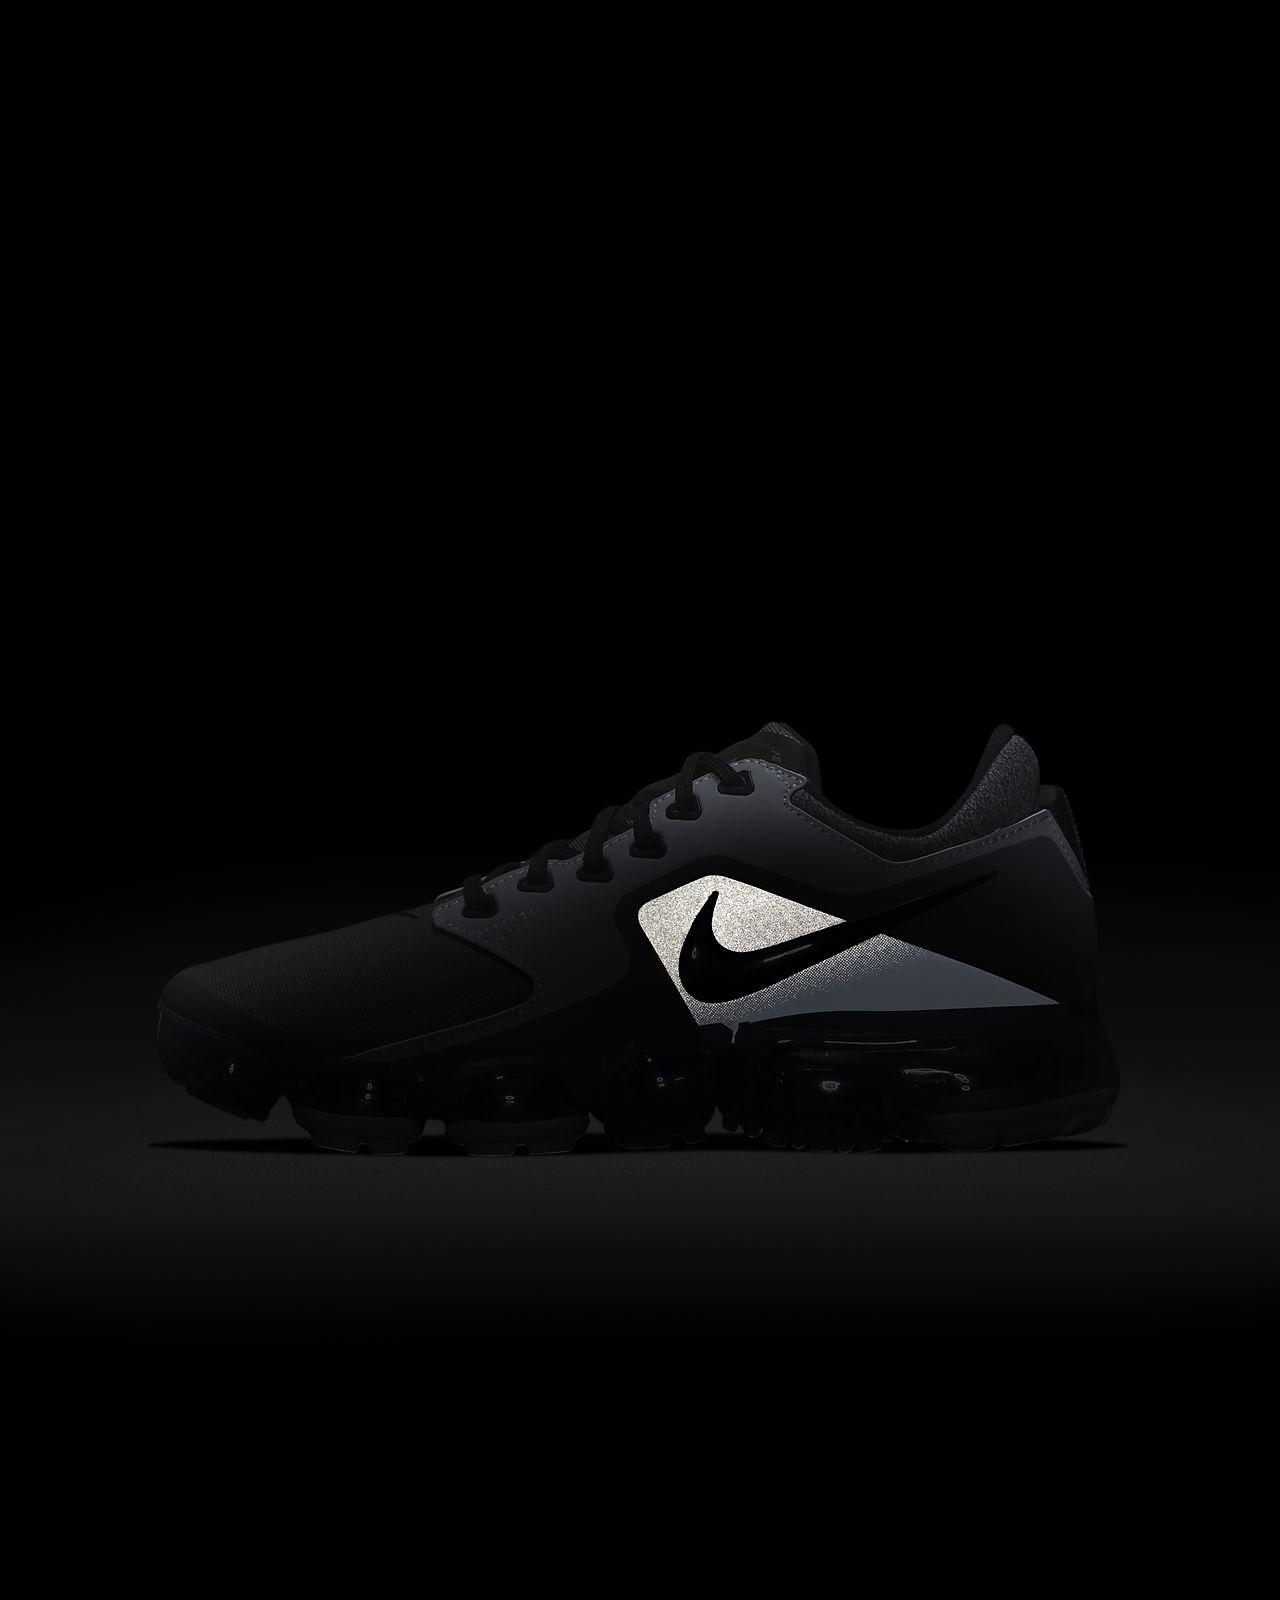 Nike Enfant Vapormax Pour Âgé Plus Chaussure Air Running De fv7gybY6